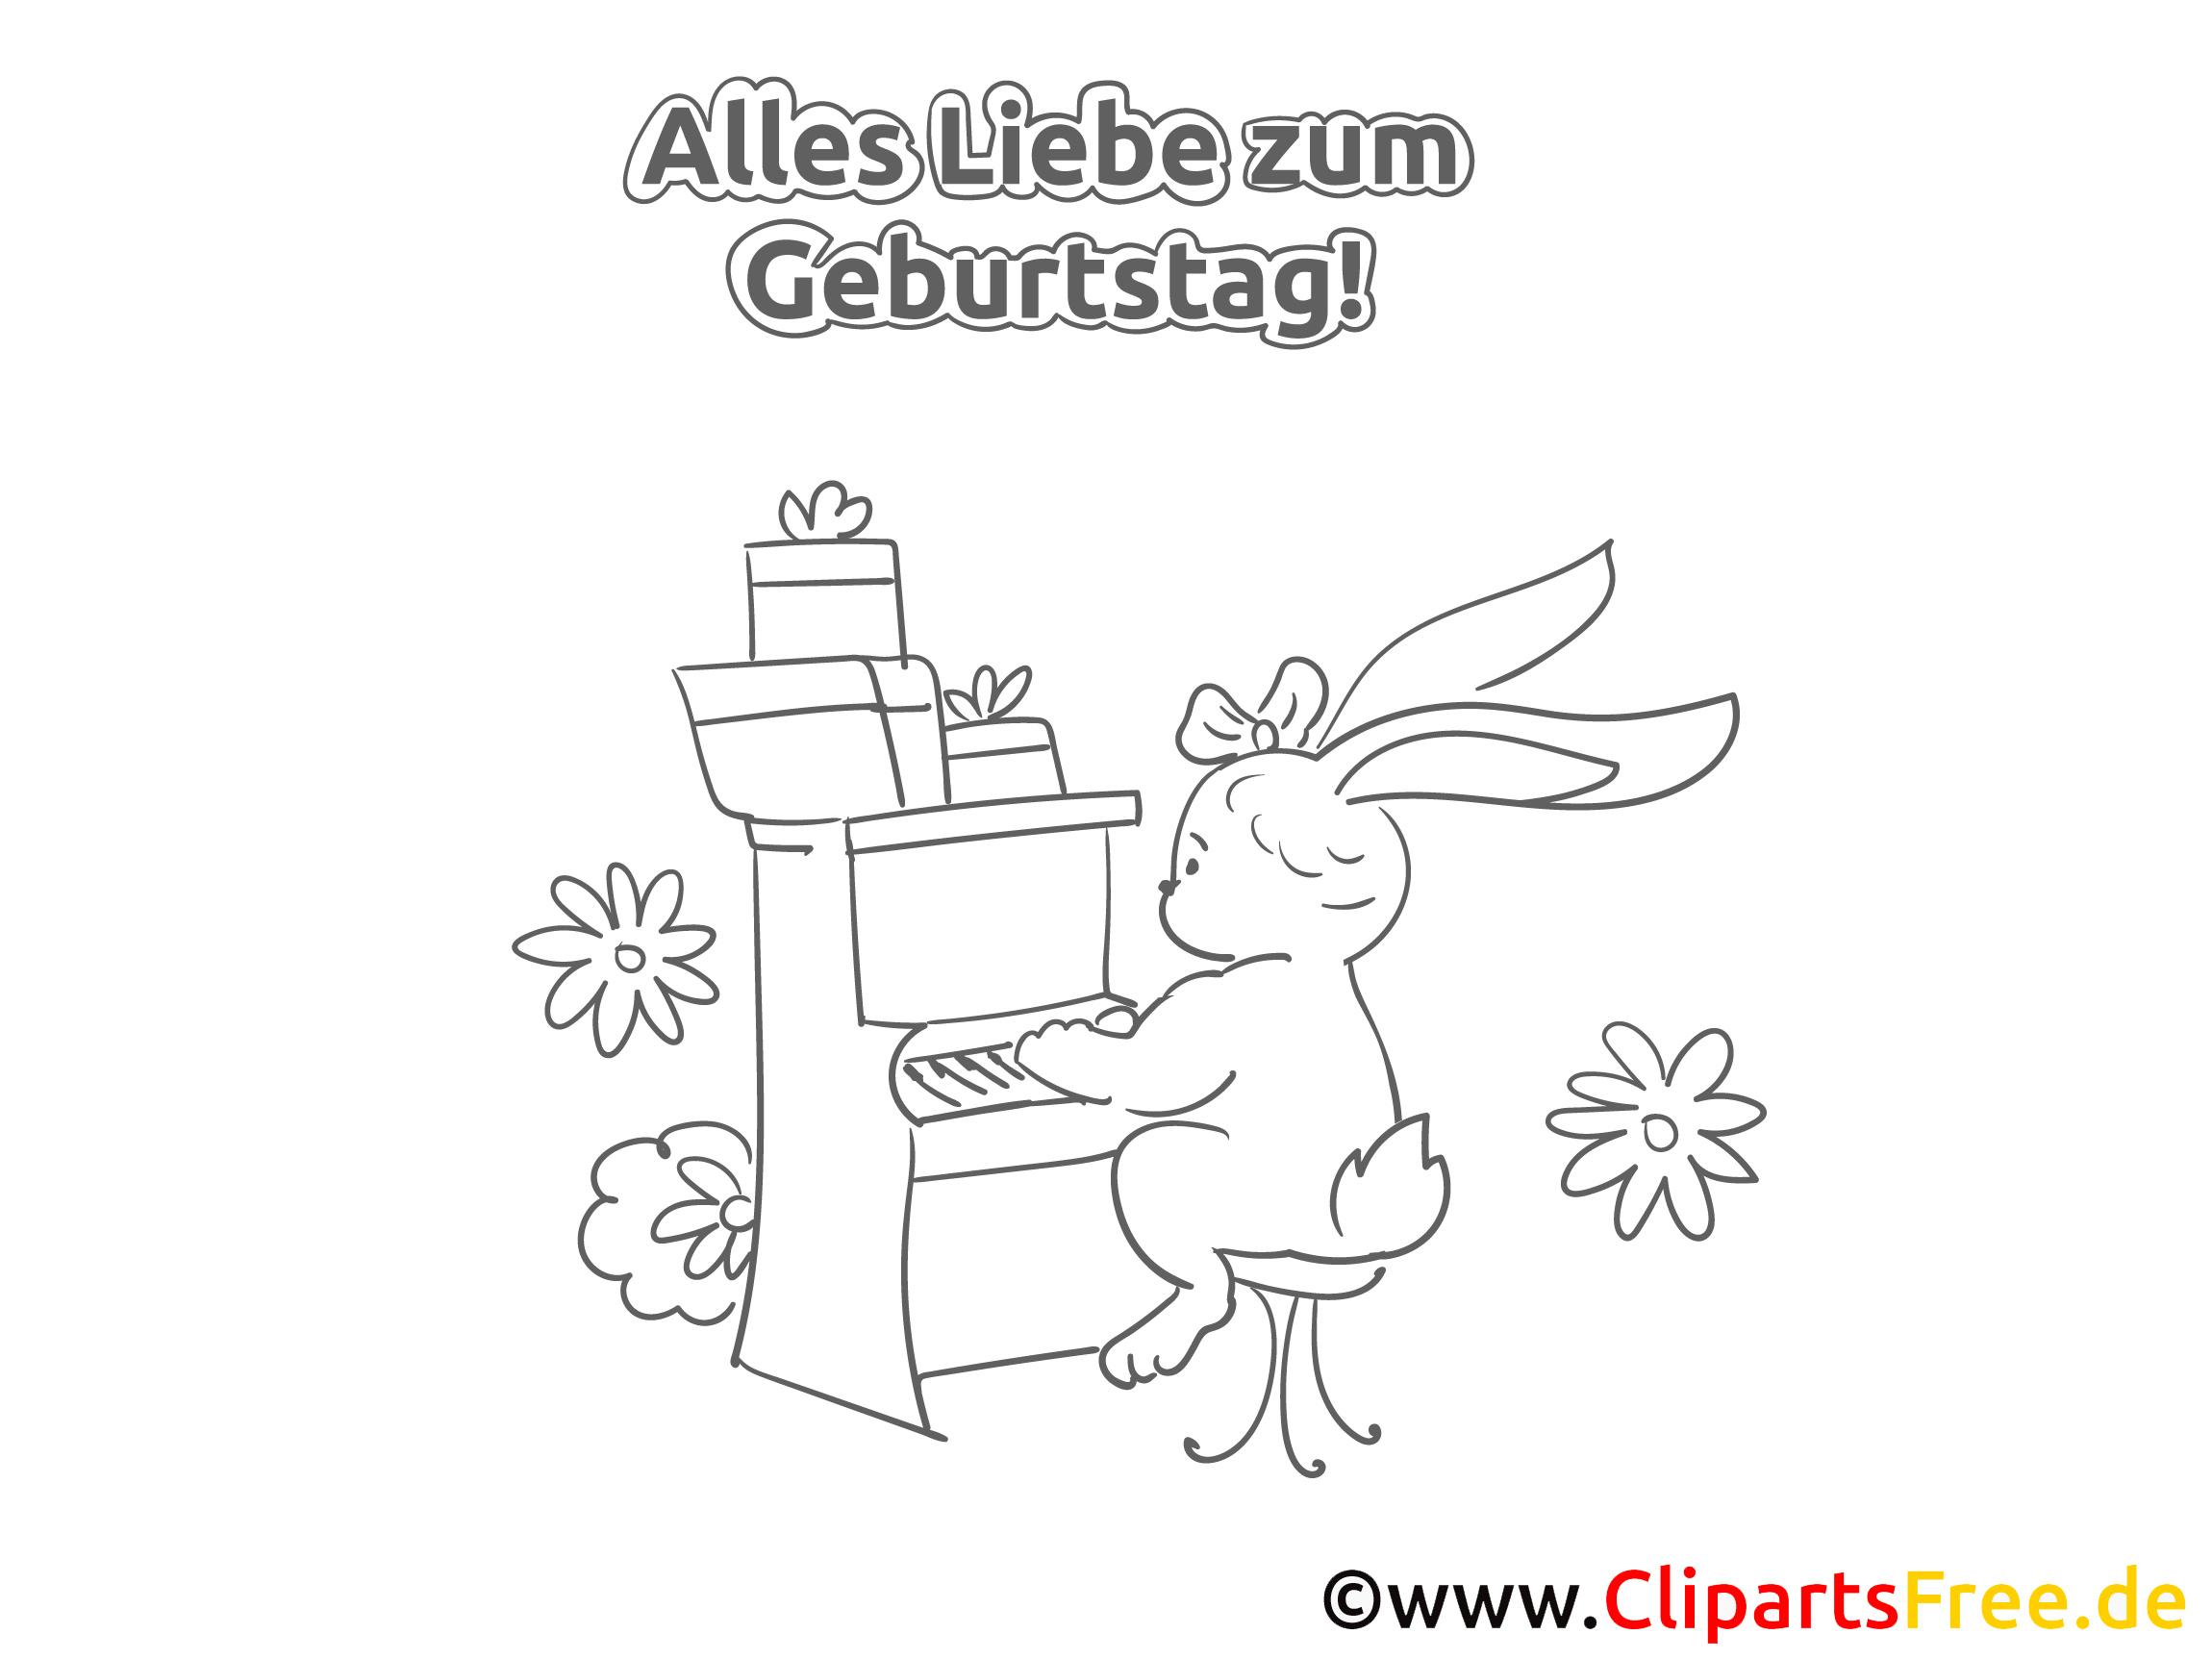 klavier kaninchen malvorlage zum geburtstag